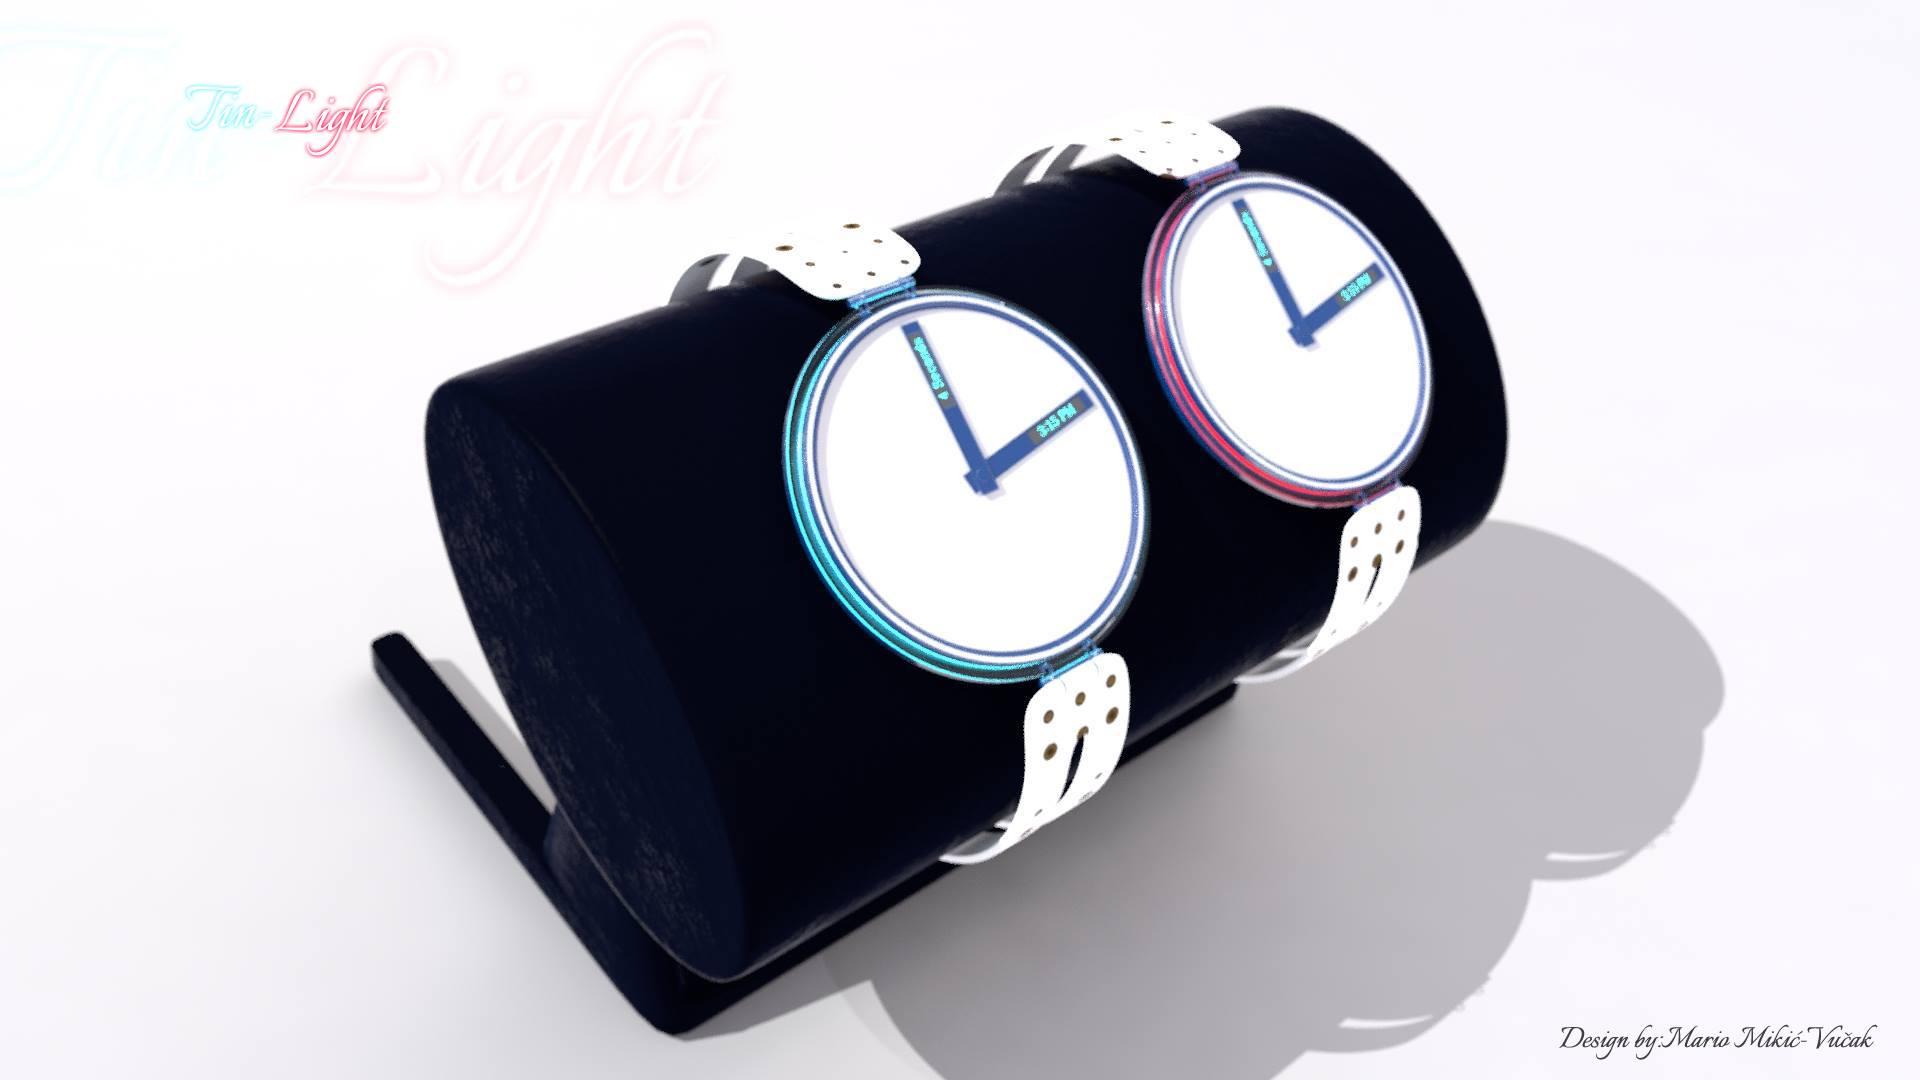 culex_3D_handwatch